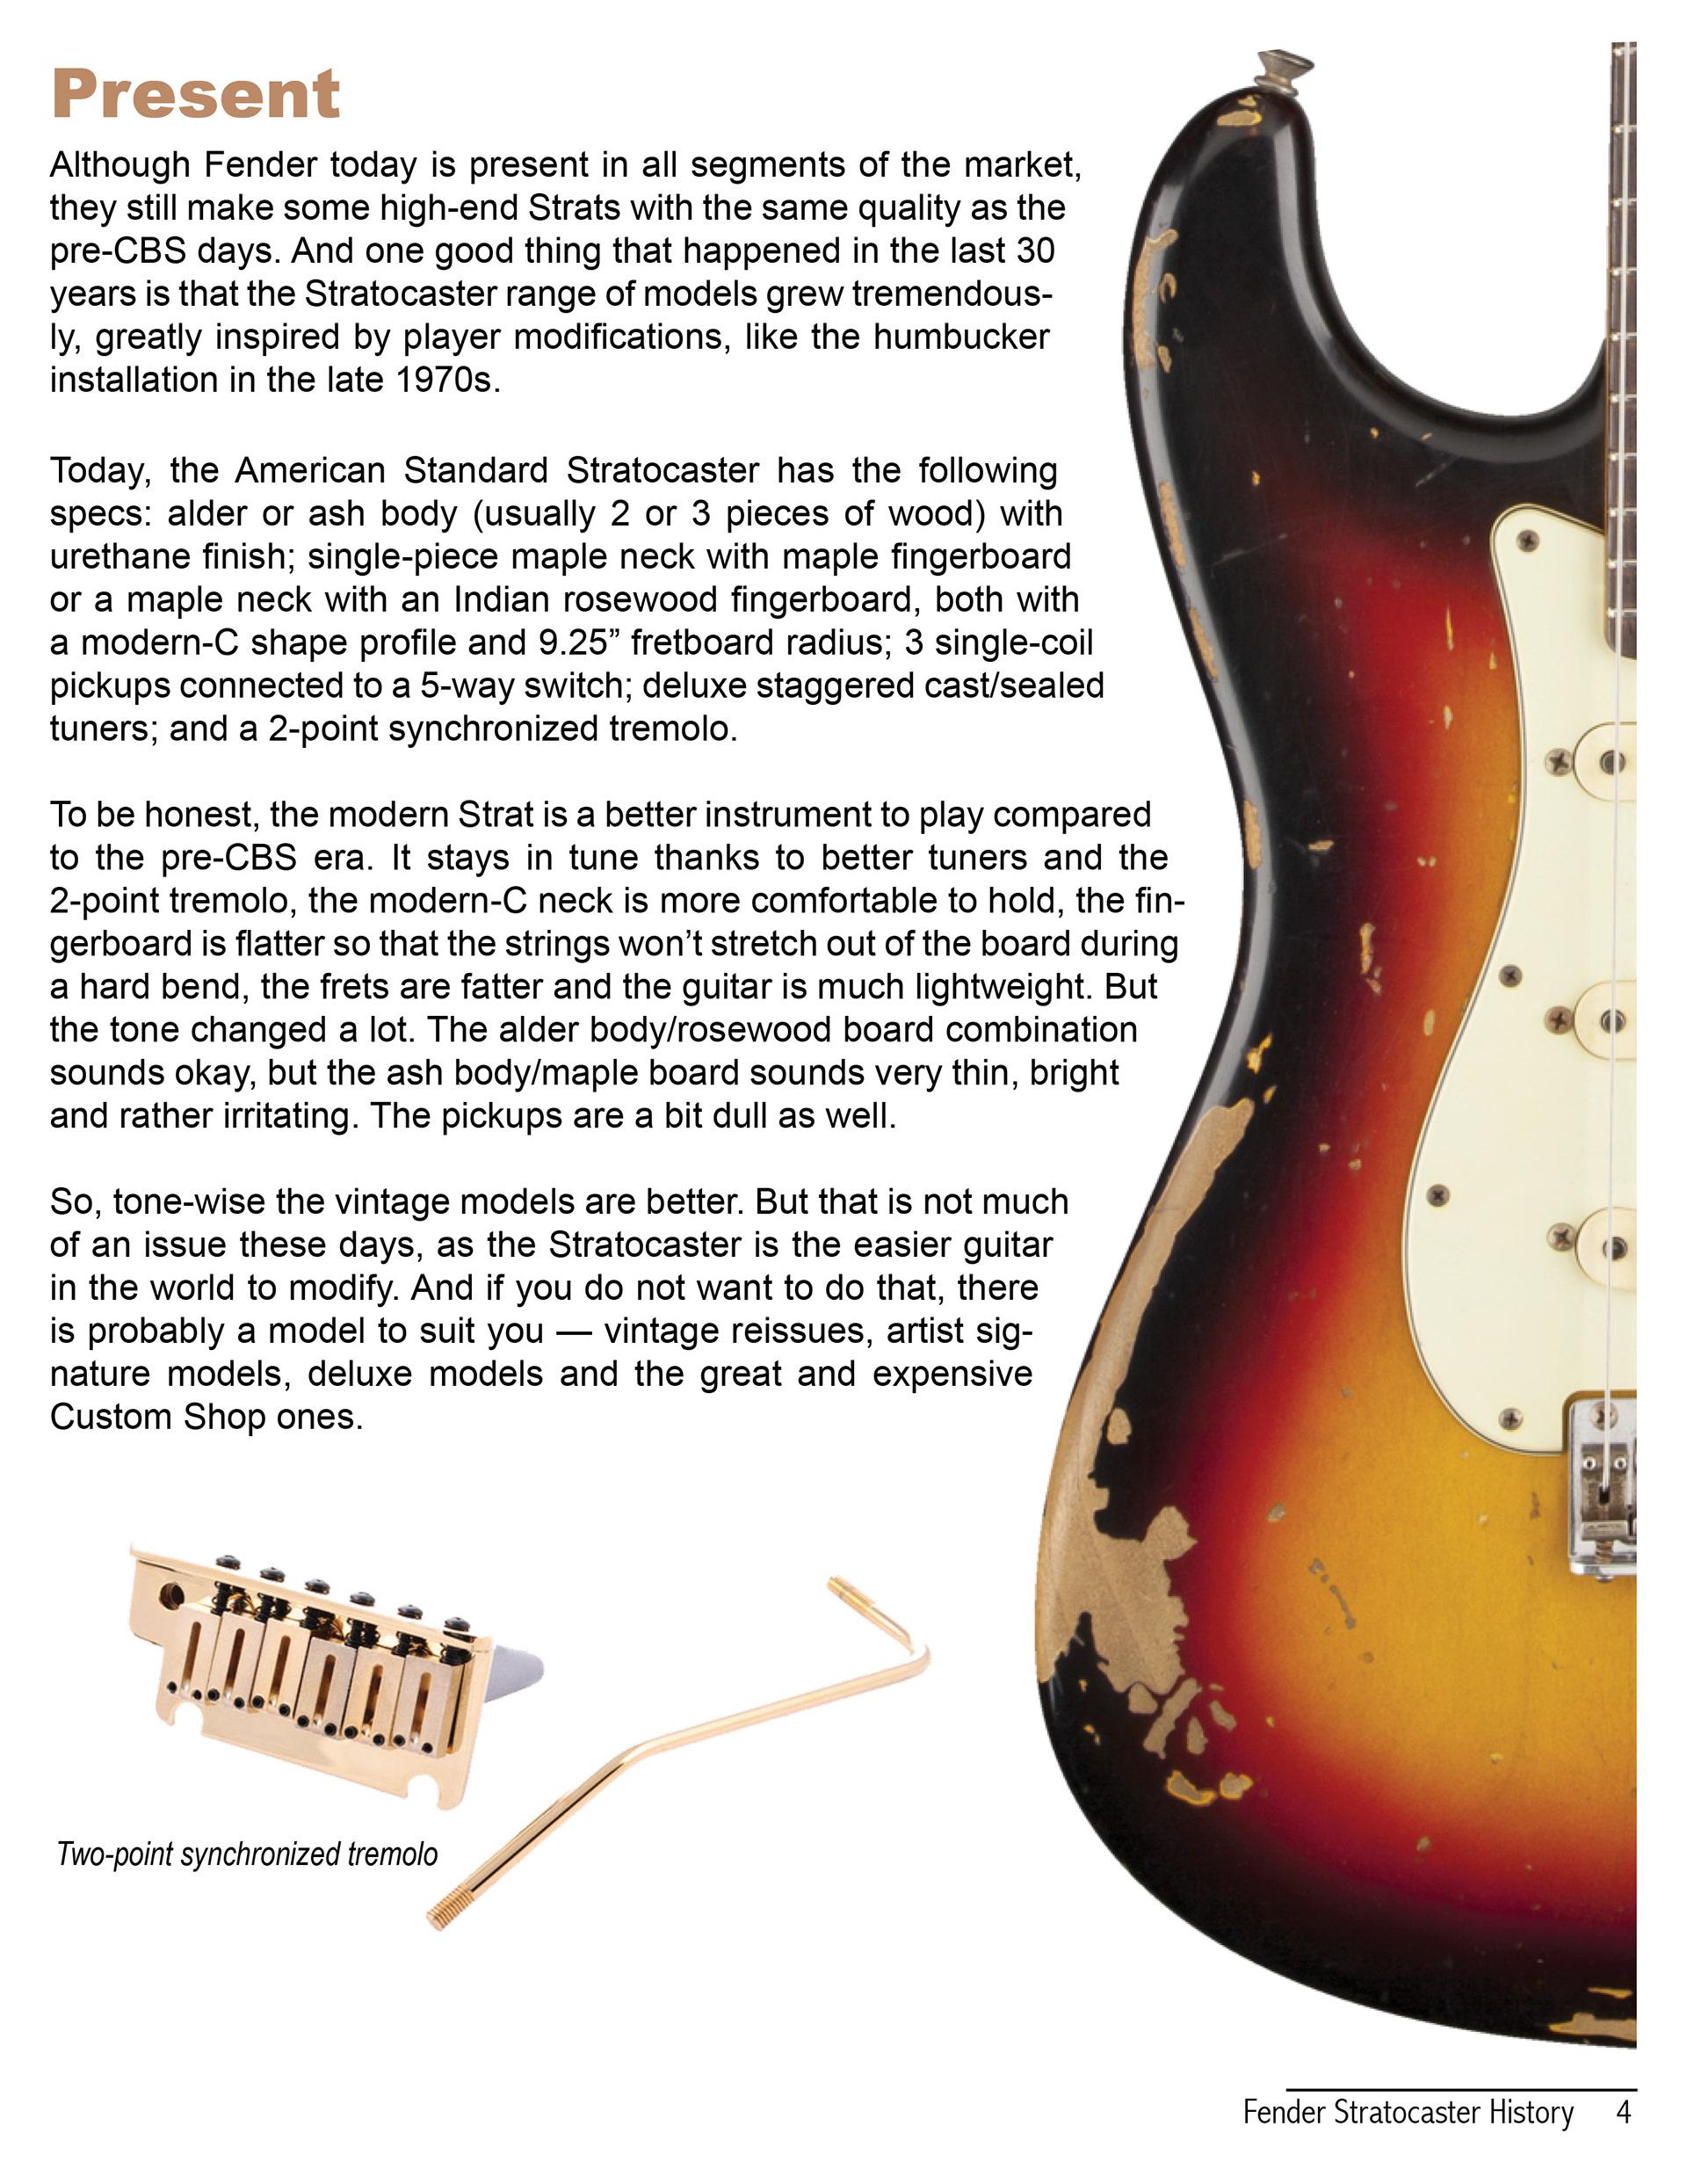 Zac Hobbs - The Fender Stratocaster